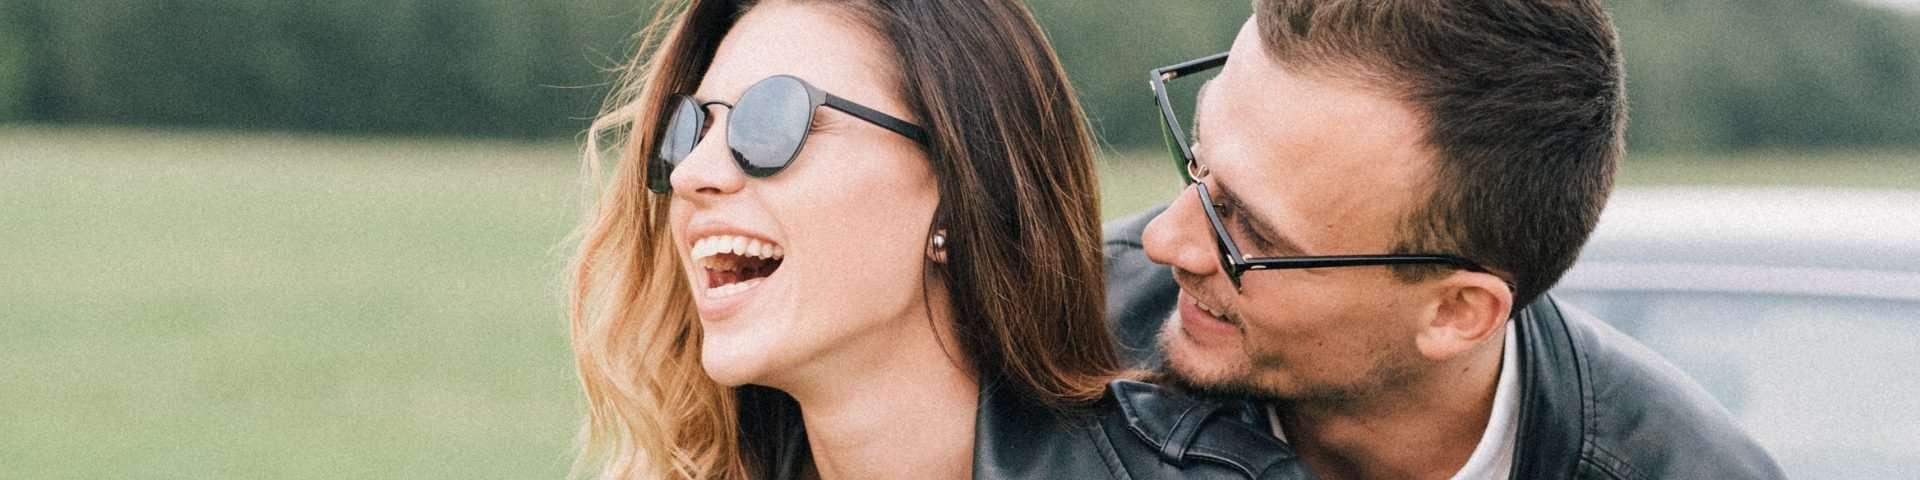 5 Tipps, dass du Männern nicht mehr hinterherläufst und sie stattdessen dir hinterherlaufen!